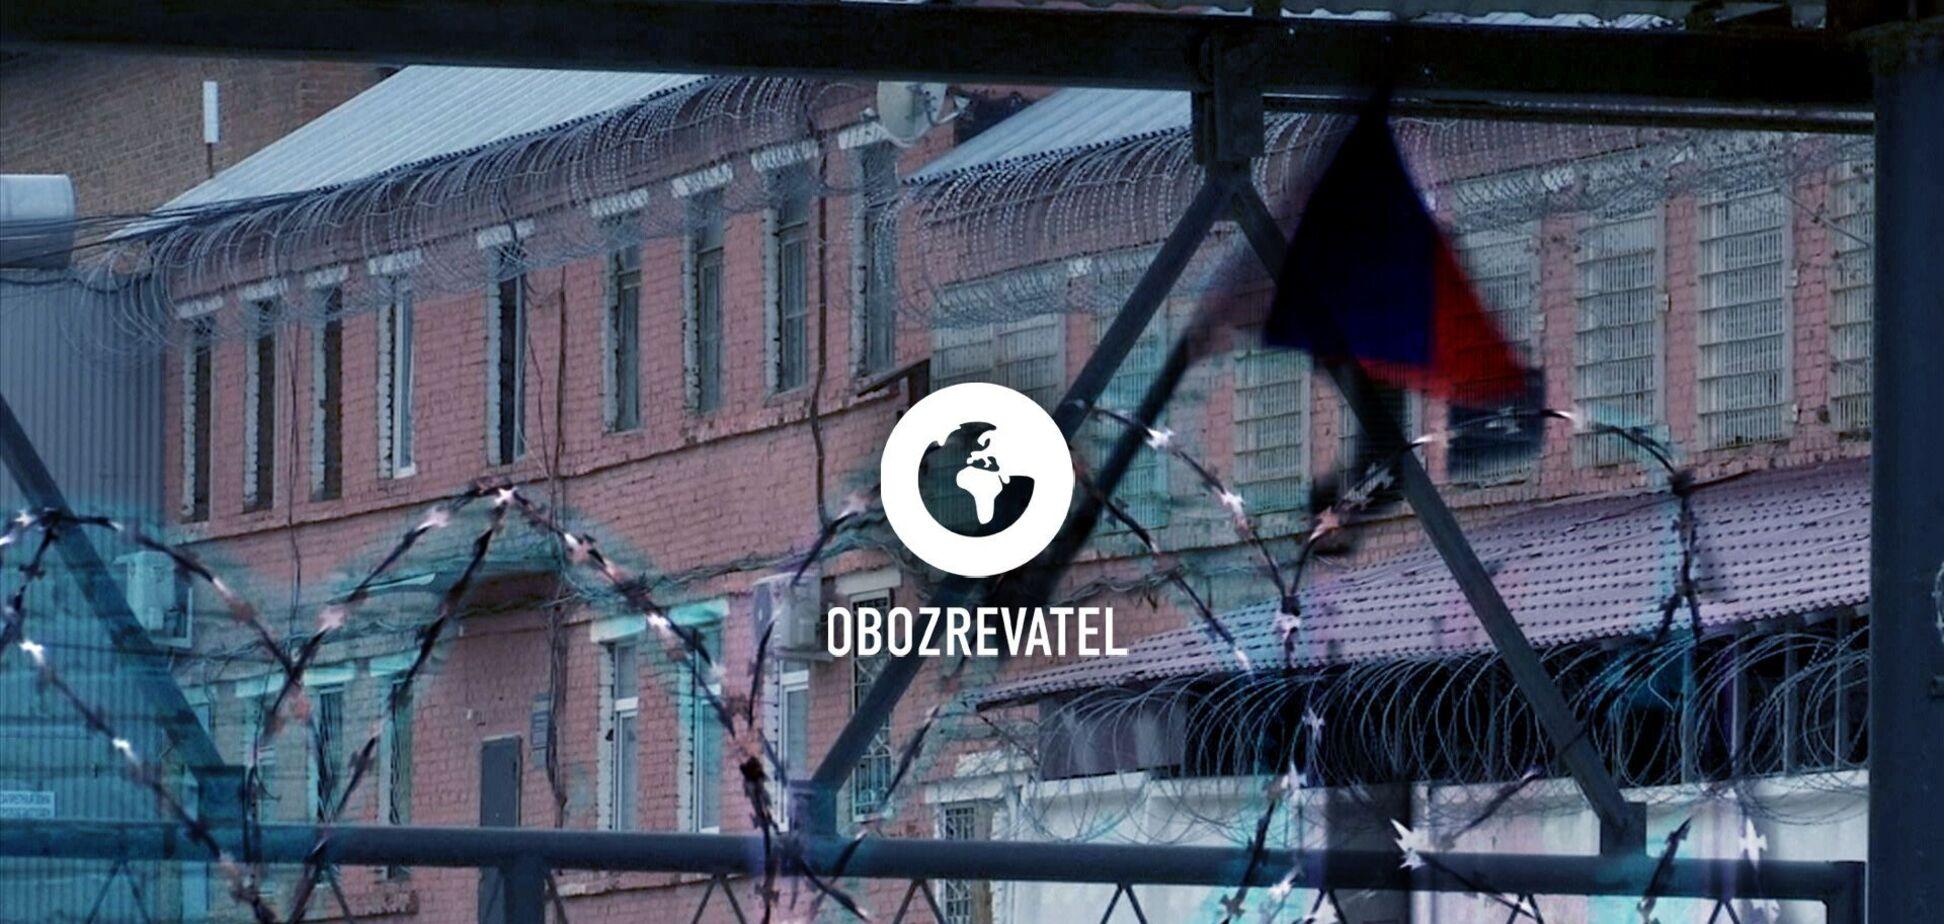 Новий мітинг на підтримку Навального в Росії та десятки американських винищувачів у Польщі – дайджест міжнародних подій